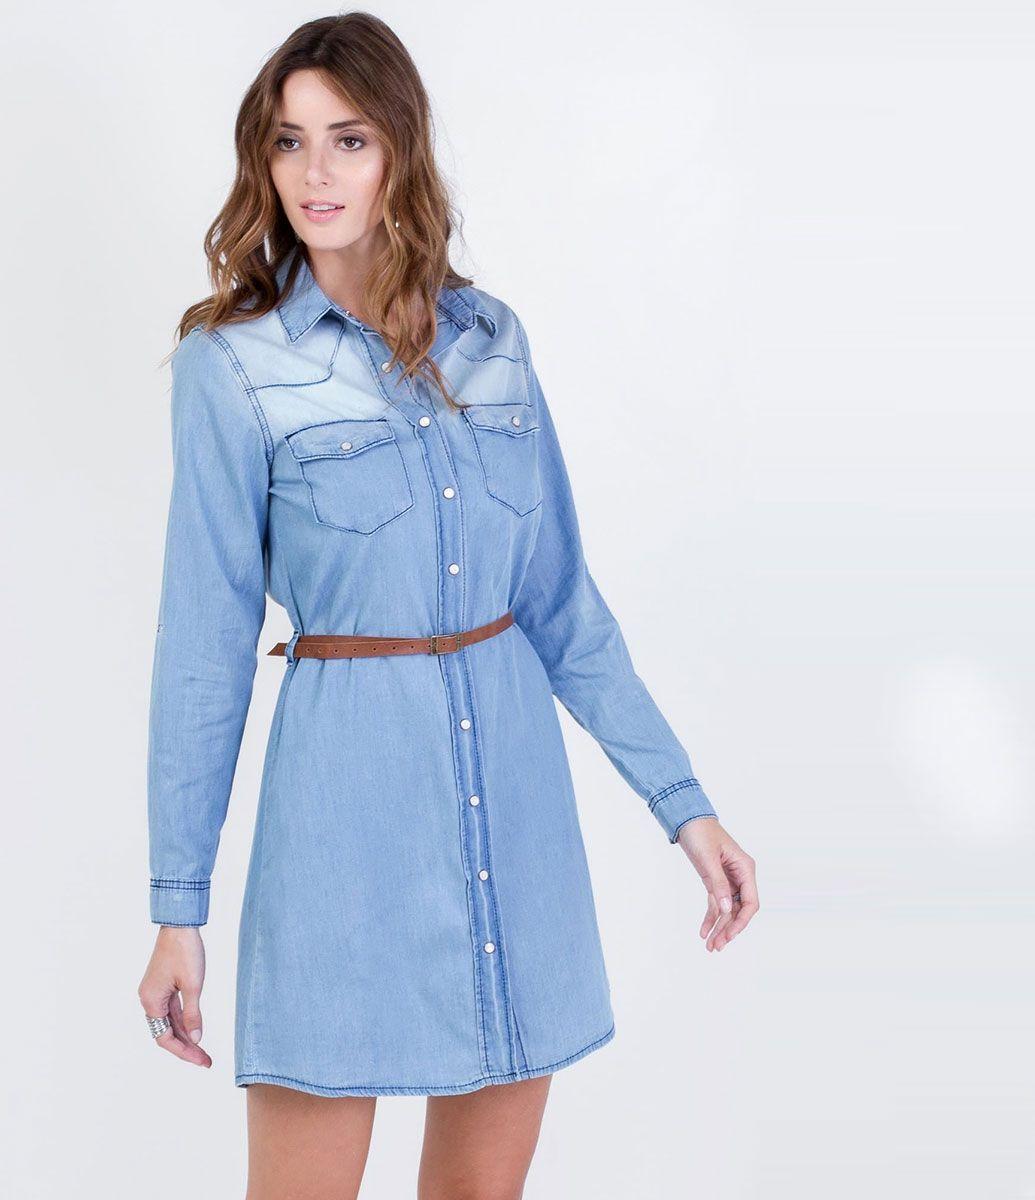 437b3e4d0 Vestido feminino Modelo chemise Manga longa com martingale Com cinto Marca:  Marfinno Tecido: jeans Composição: 100% algodão Modelo veste tamanho: P  COLEÇÃO ...